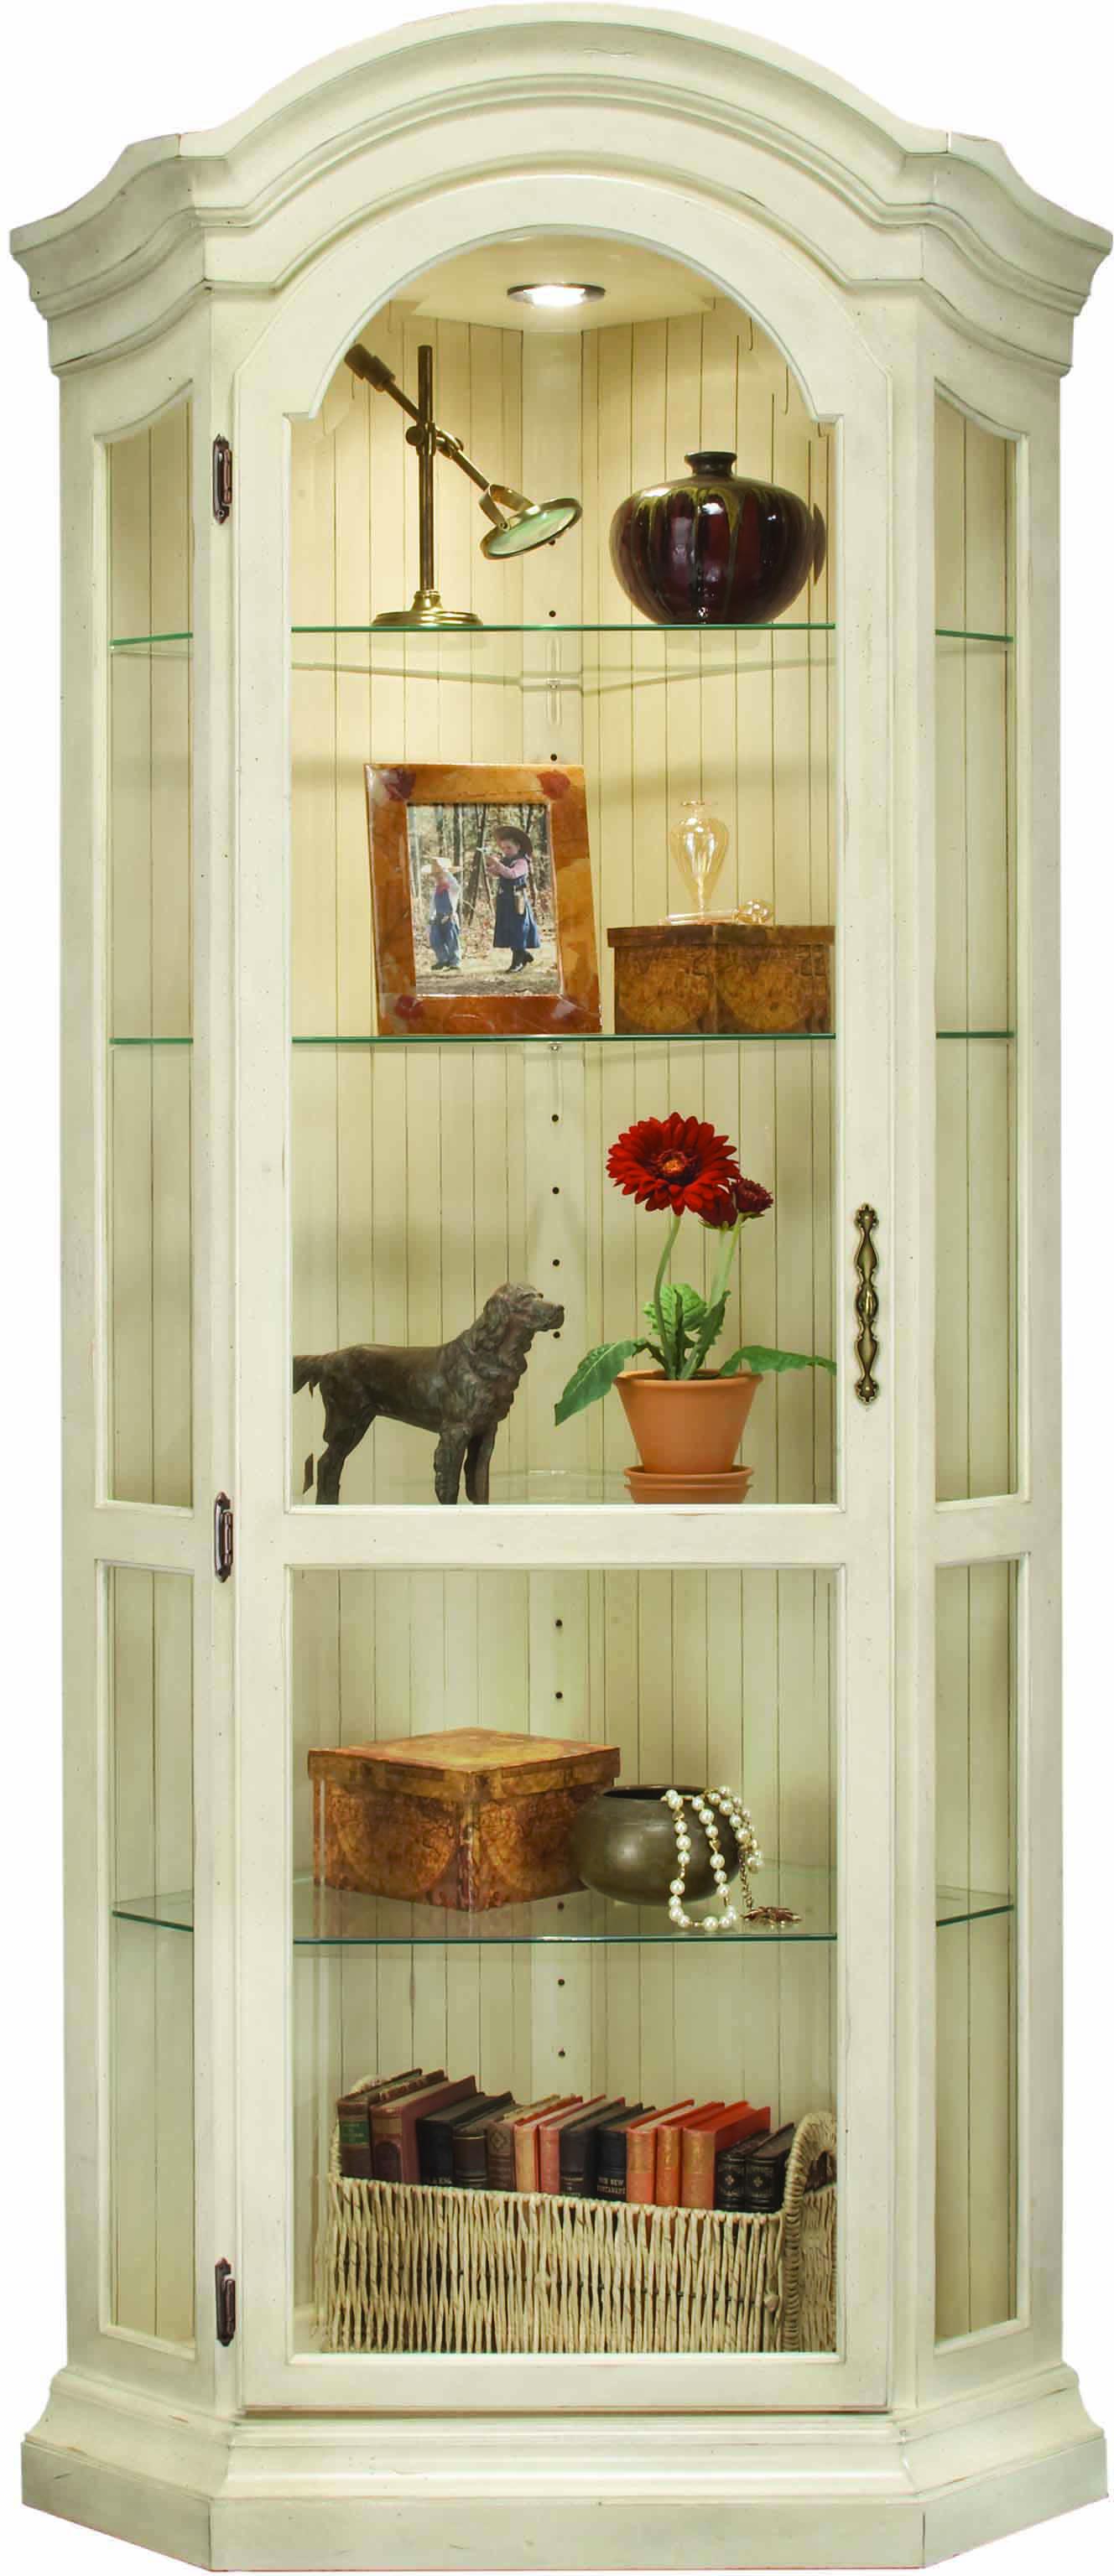 Philip Reinisch ColorTime - WhitePanorama Corner Display Cabinet  sc 1 st  Colderu0027s & Philip Reinisch ColorTime - White Panorama Corner Display Cabinet ...